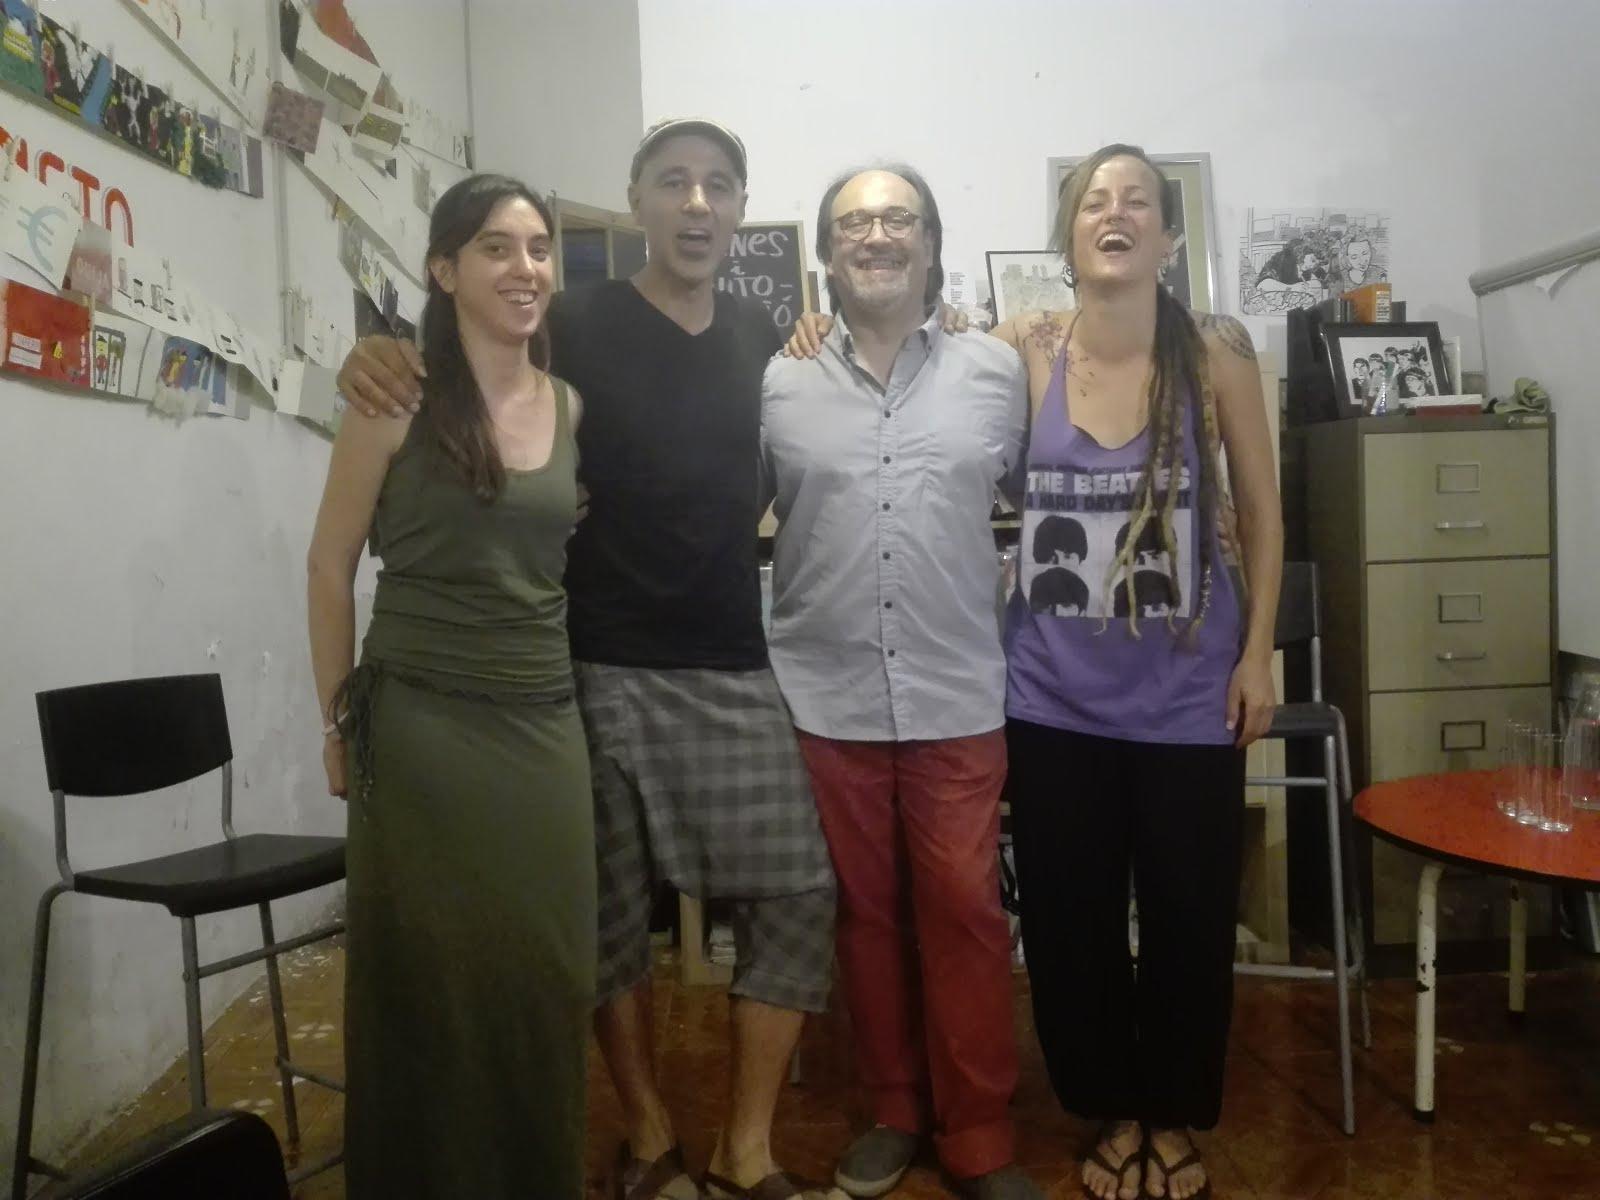 Presentació Llunes d'atzabeja - La Caníbal 20.06.18